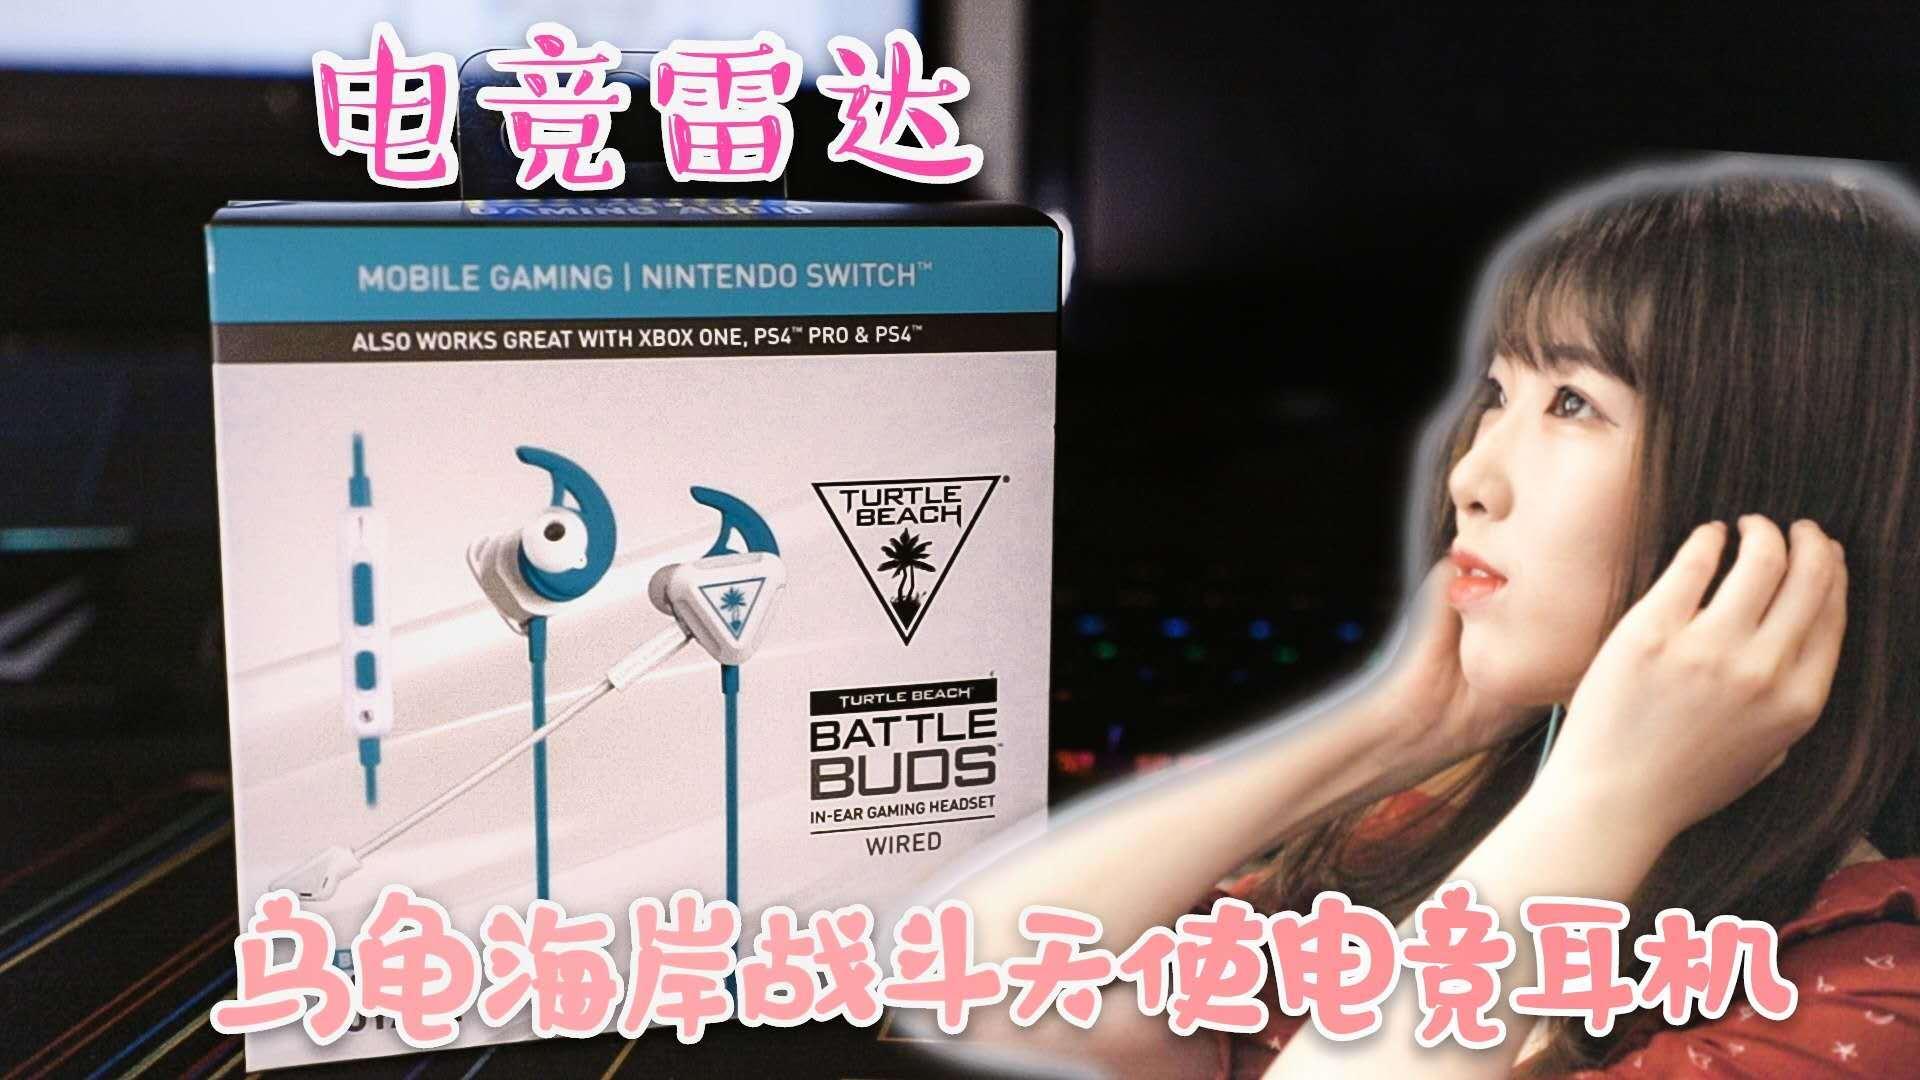 【小姐姐&战场指挥官】只差一款专业电竞耳机